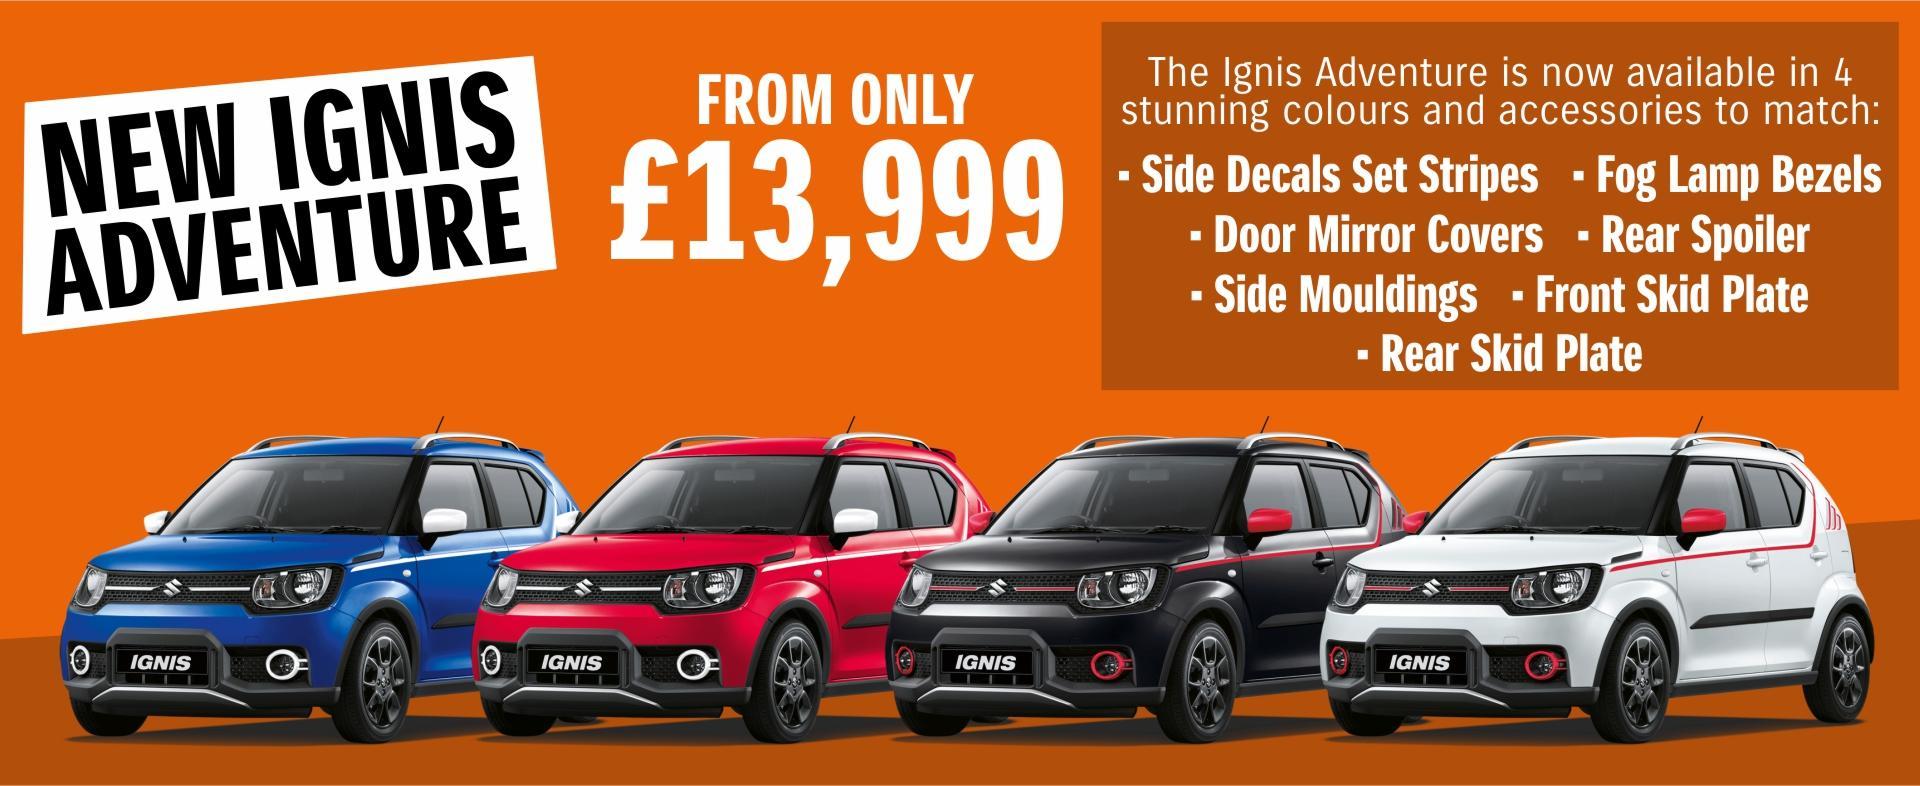 New Suzuki Ignis Adventure From £13,999